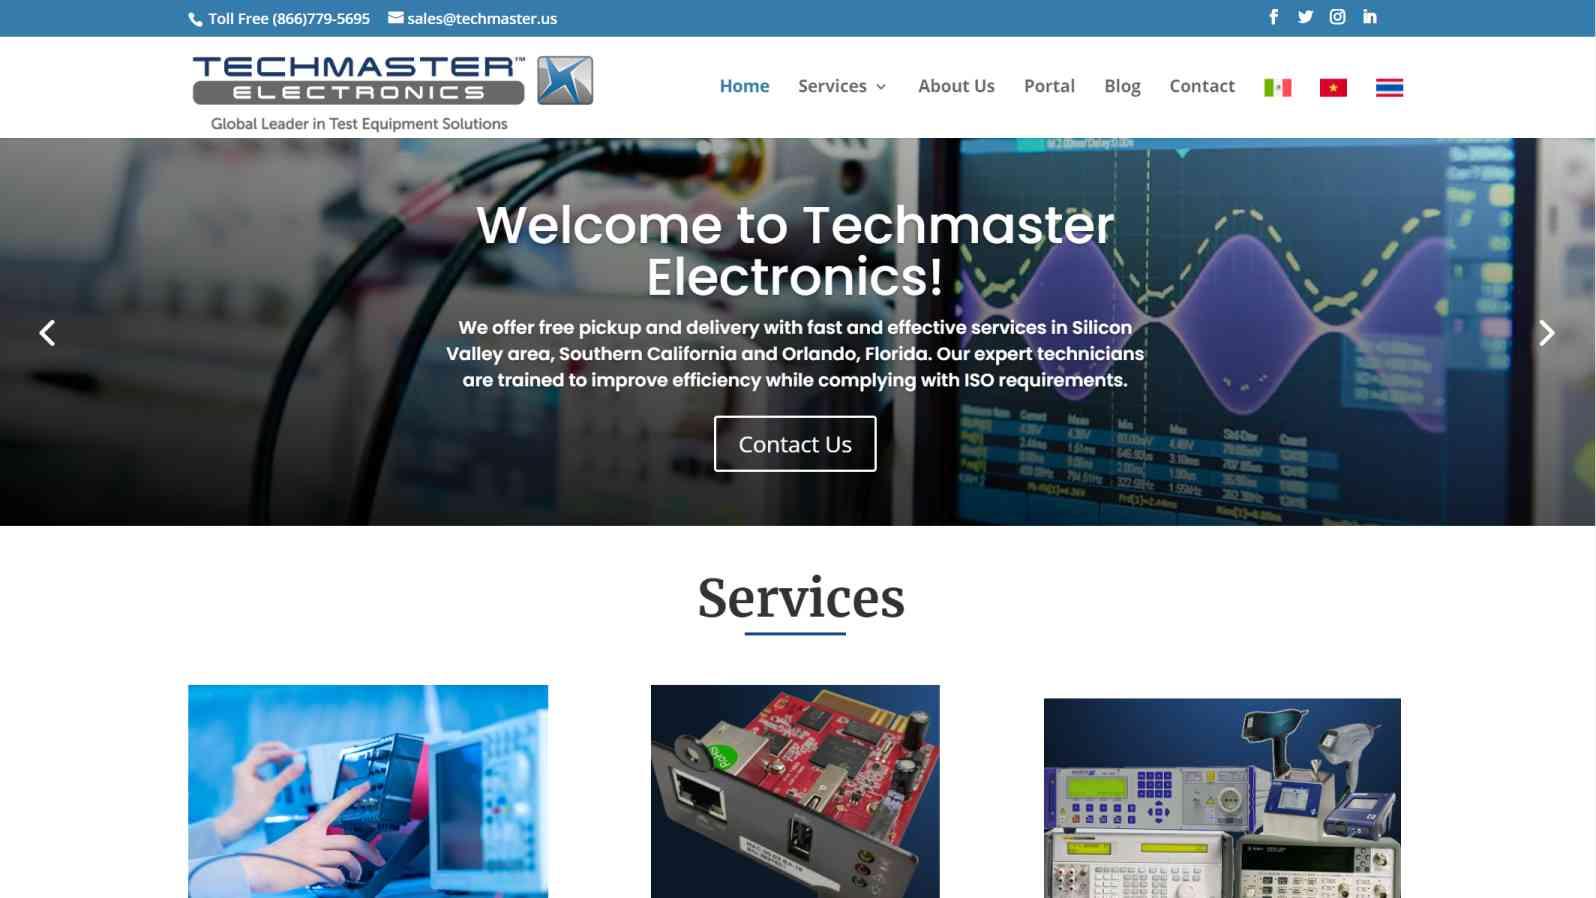 TechMasters Cliente de diseño web